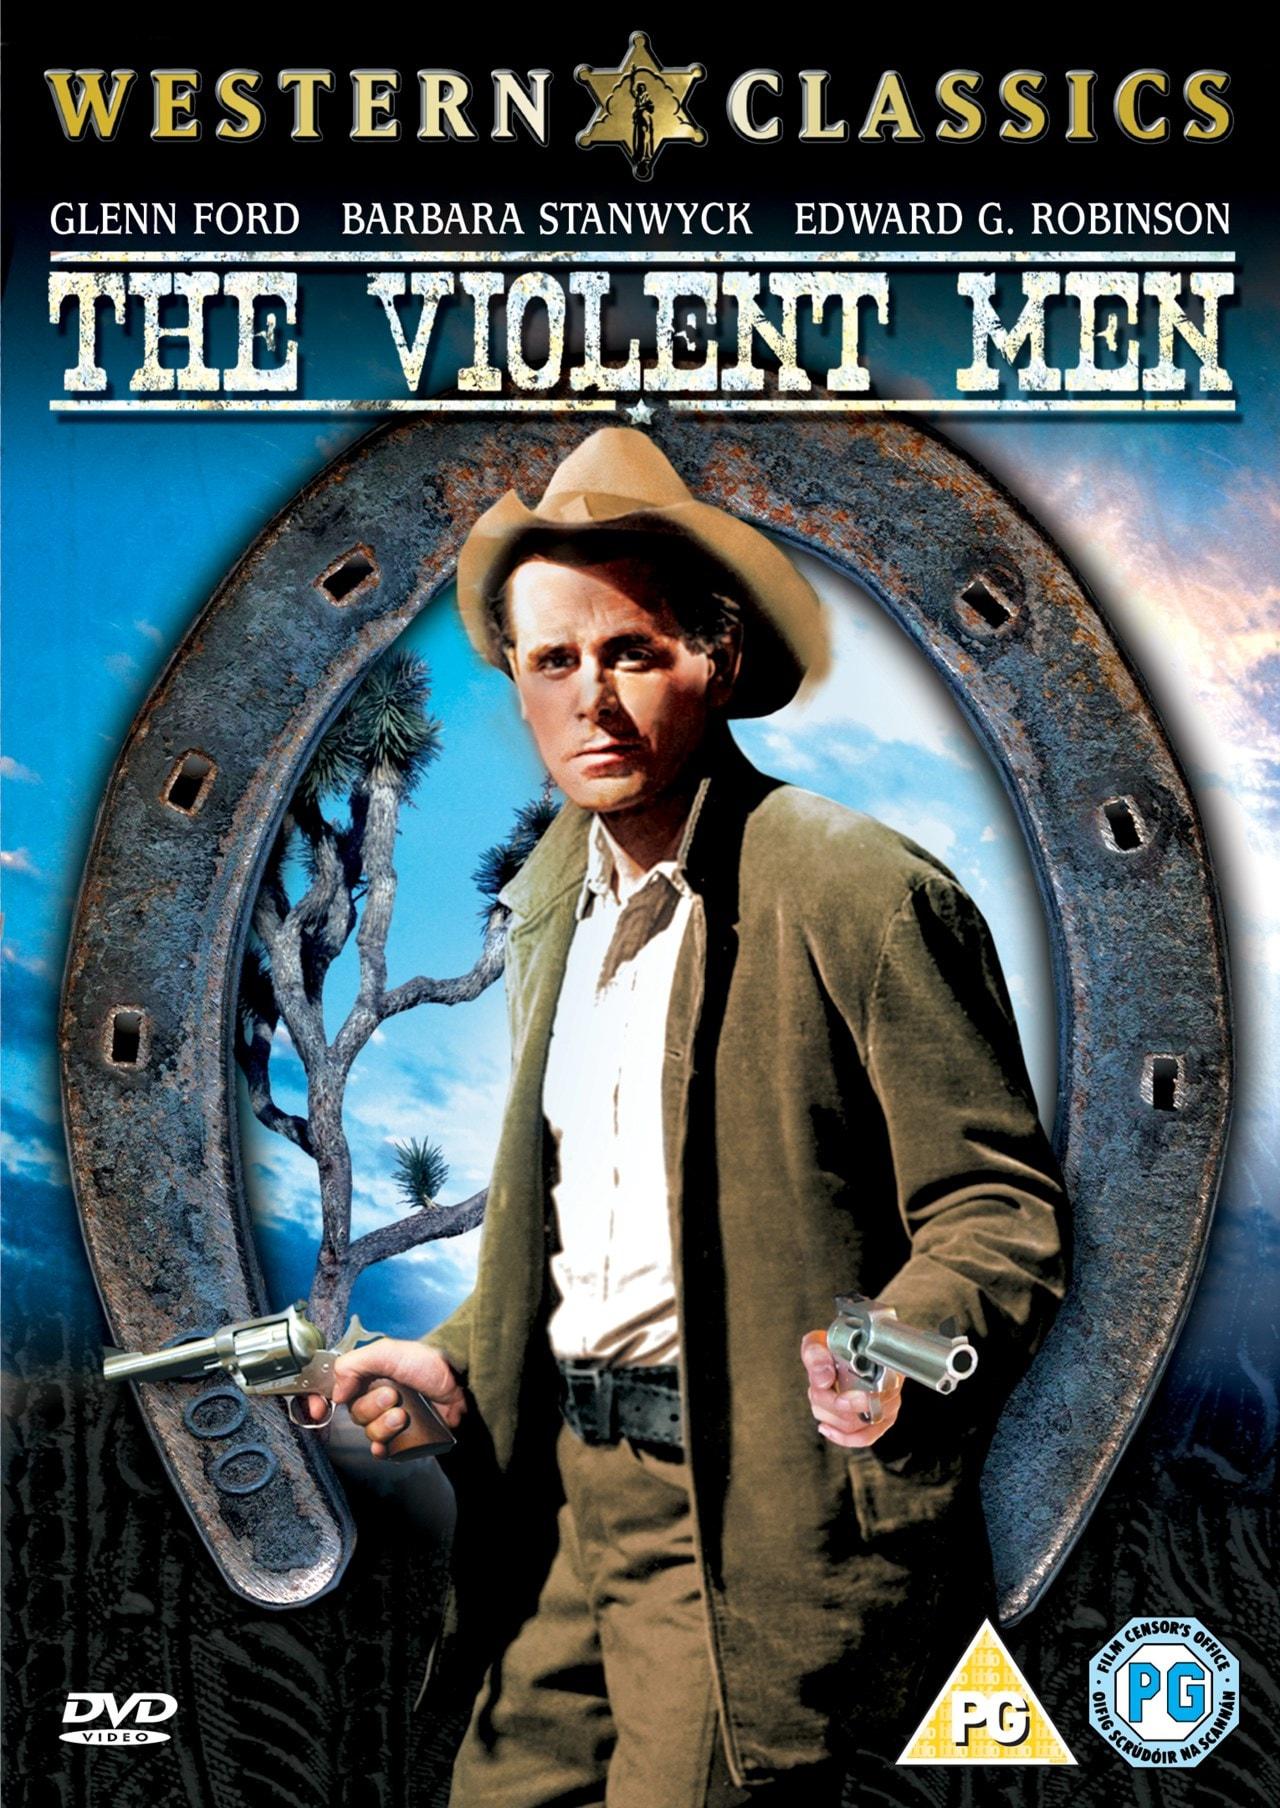 The Violent Men - 1